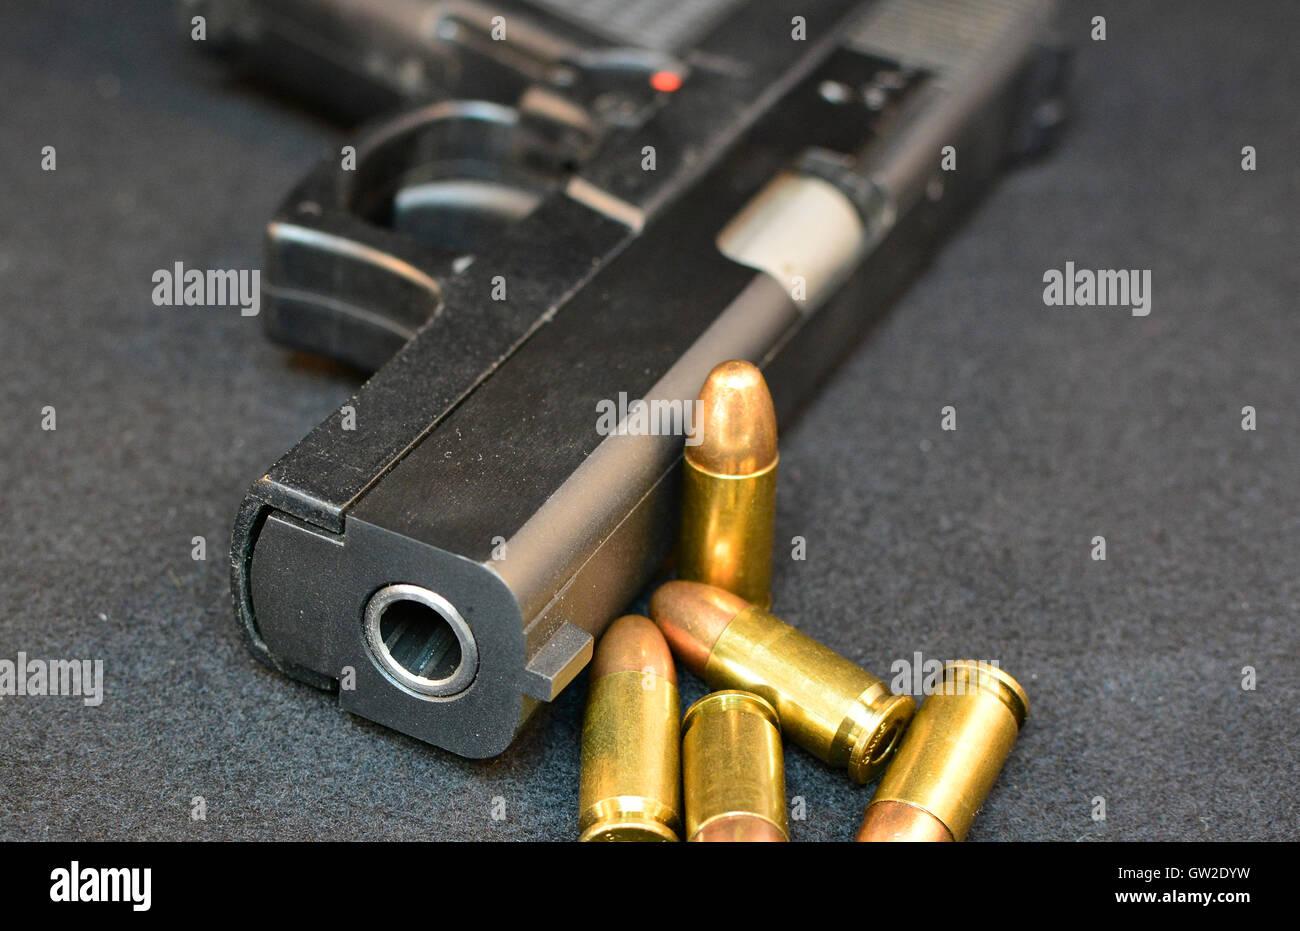 Pistola con proiettili. La pistola la criminalità violenta, assalto. La ripresa. Uso della pistola. Immagini Stock